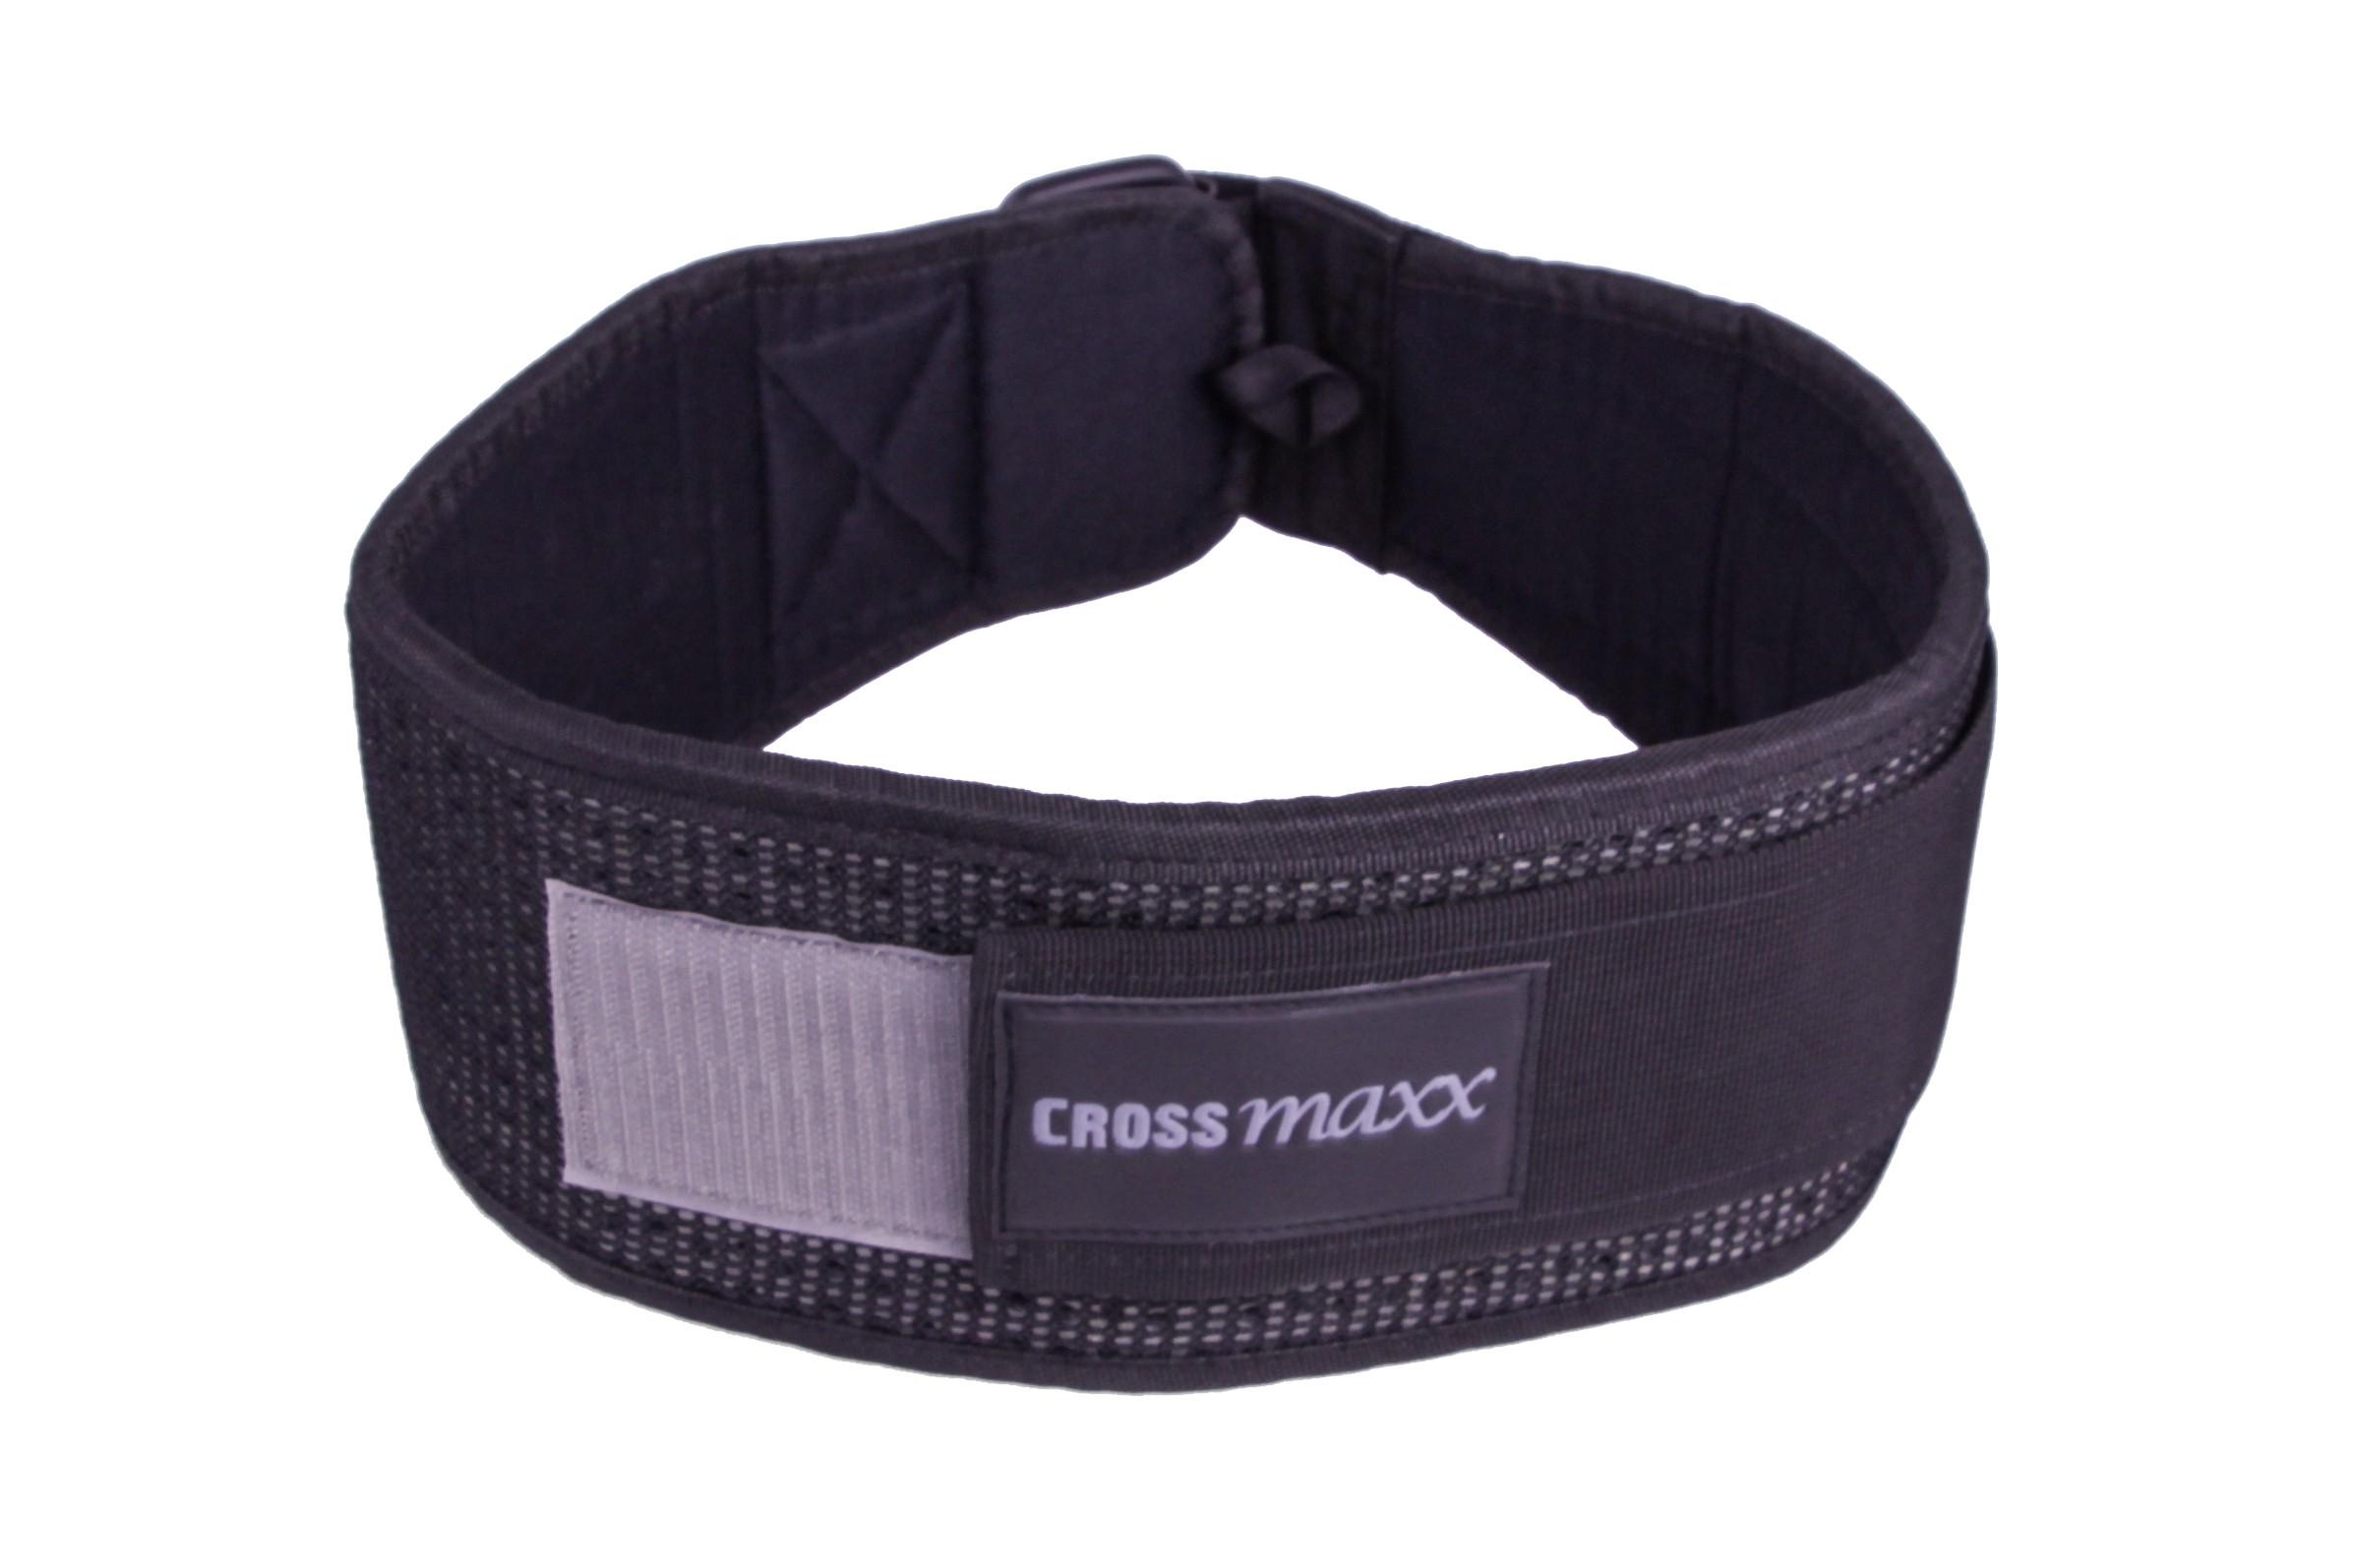 Crossmaxx Nylon Træningsbælte    Str. S-XL